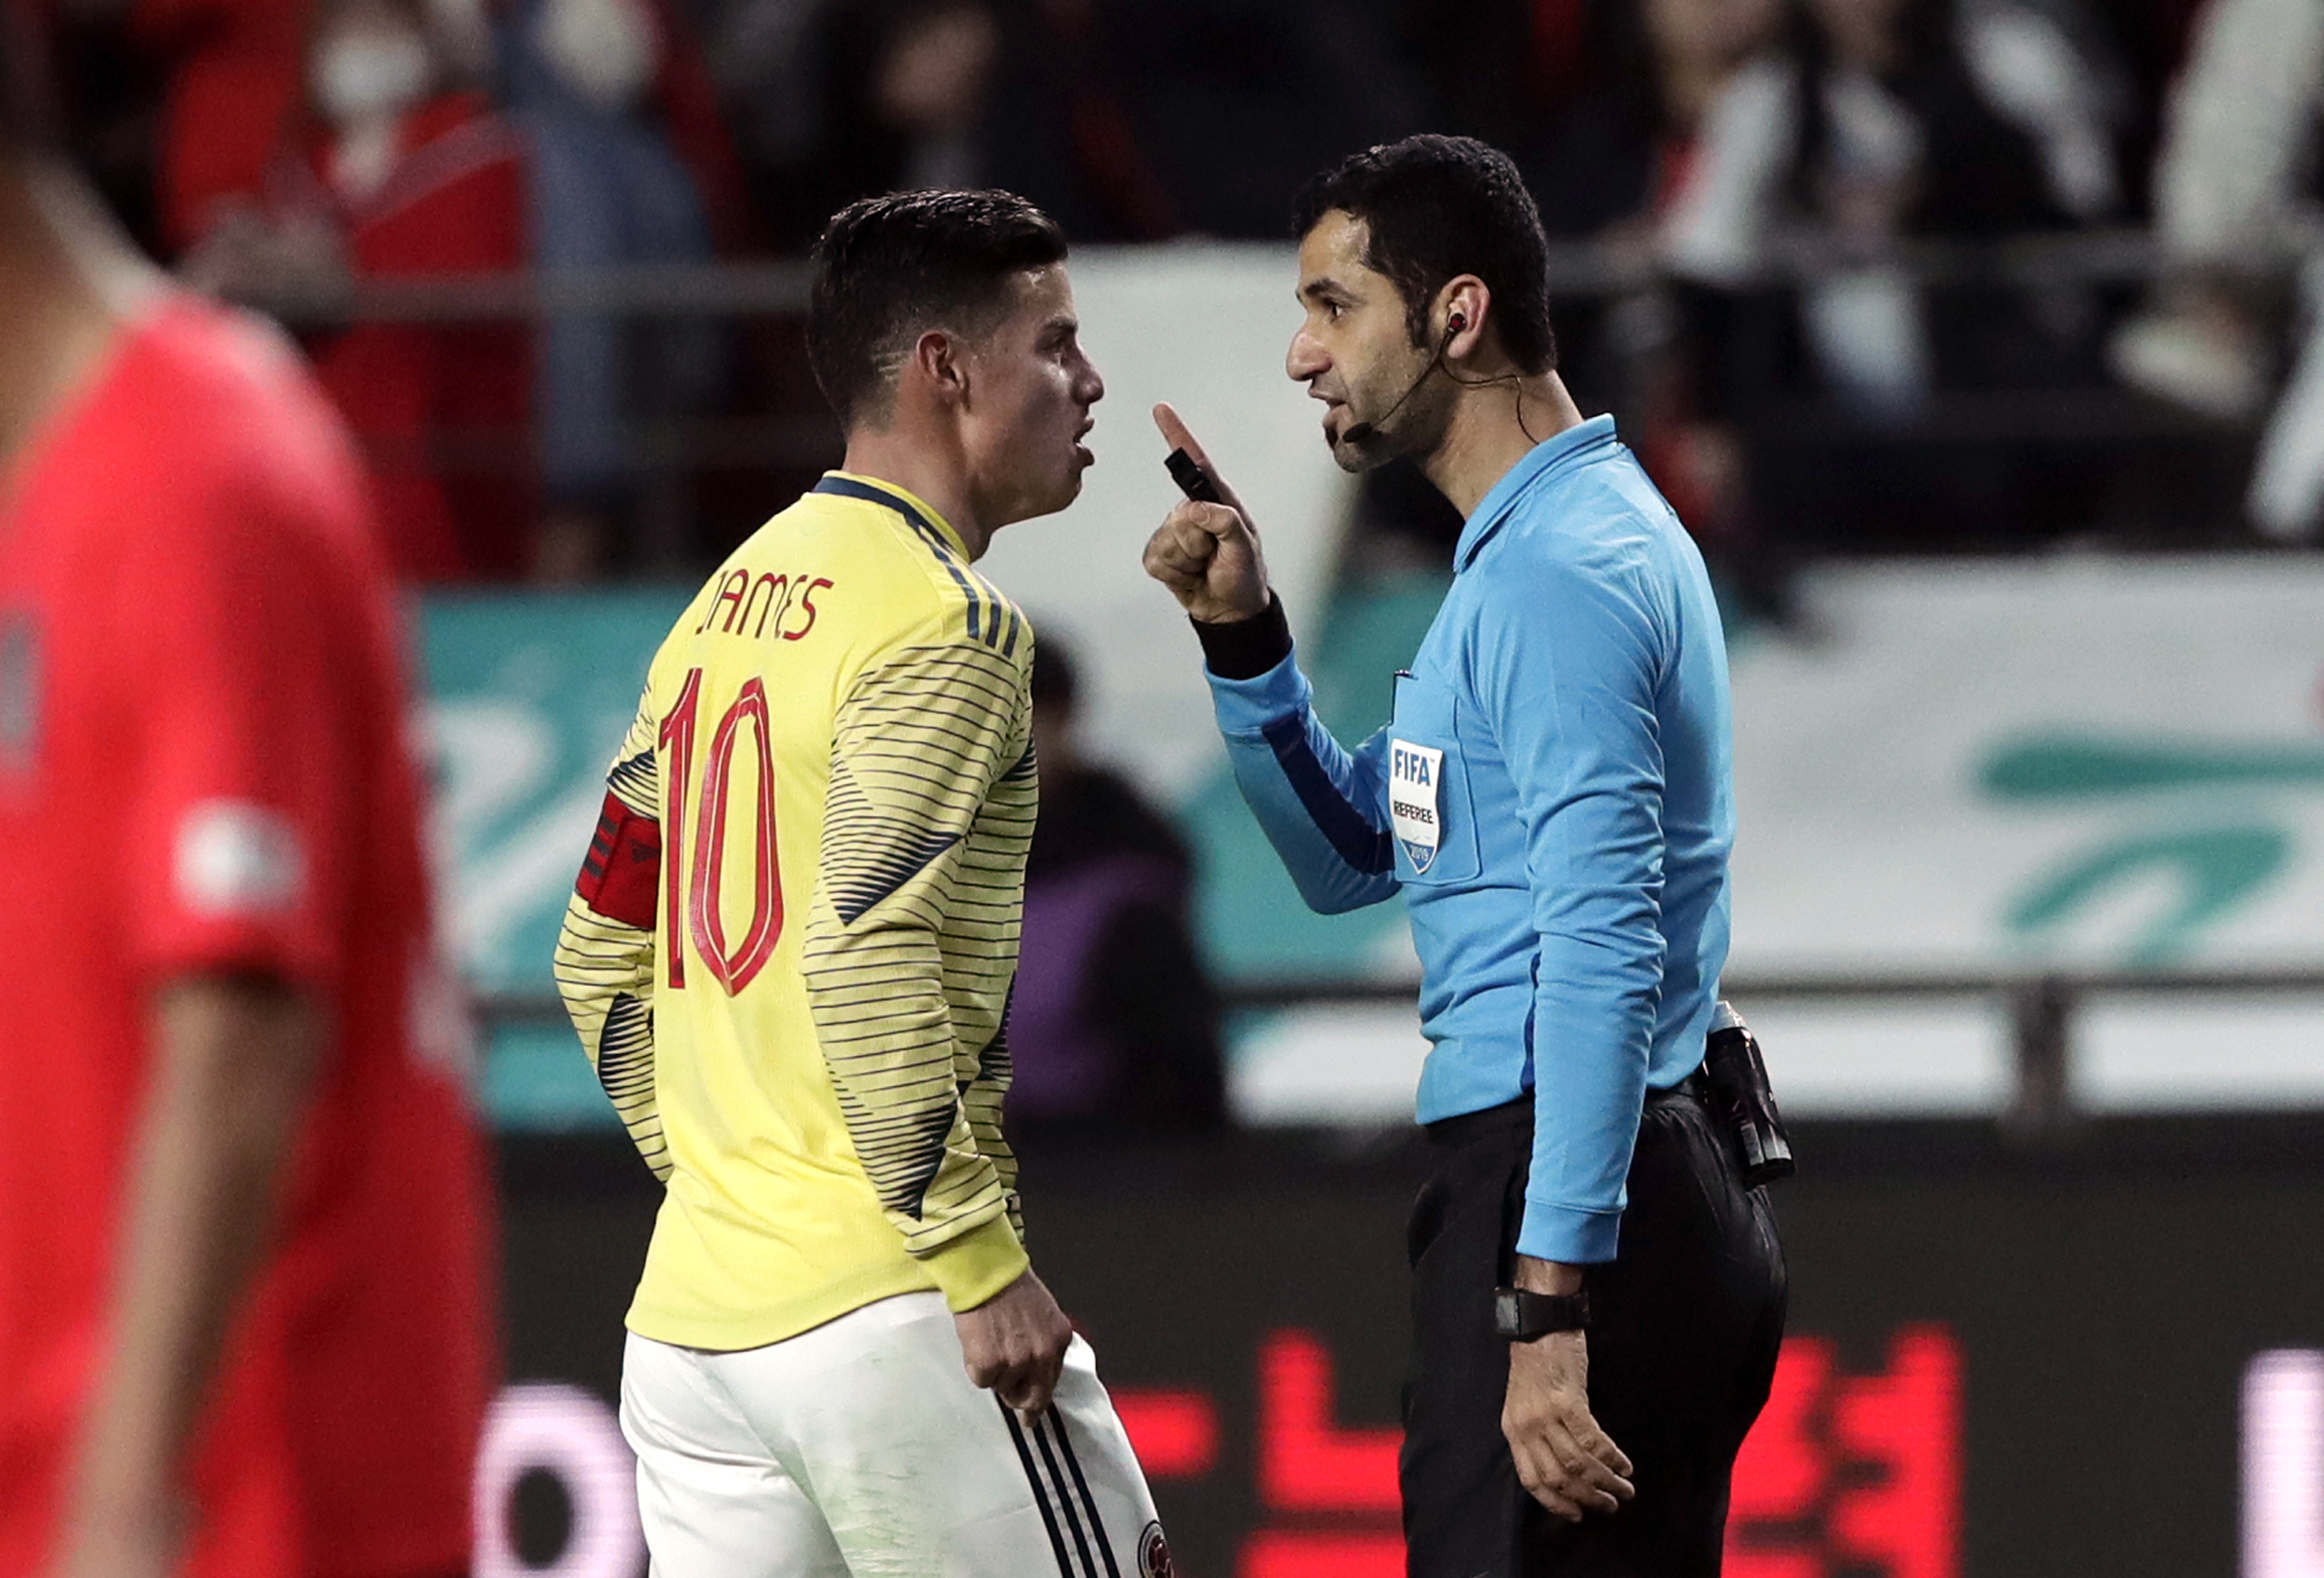 James and Falcao head Colombia's Copa America squad